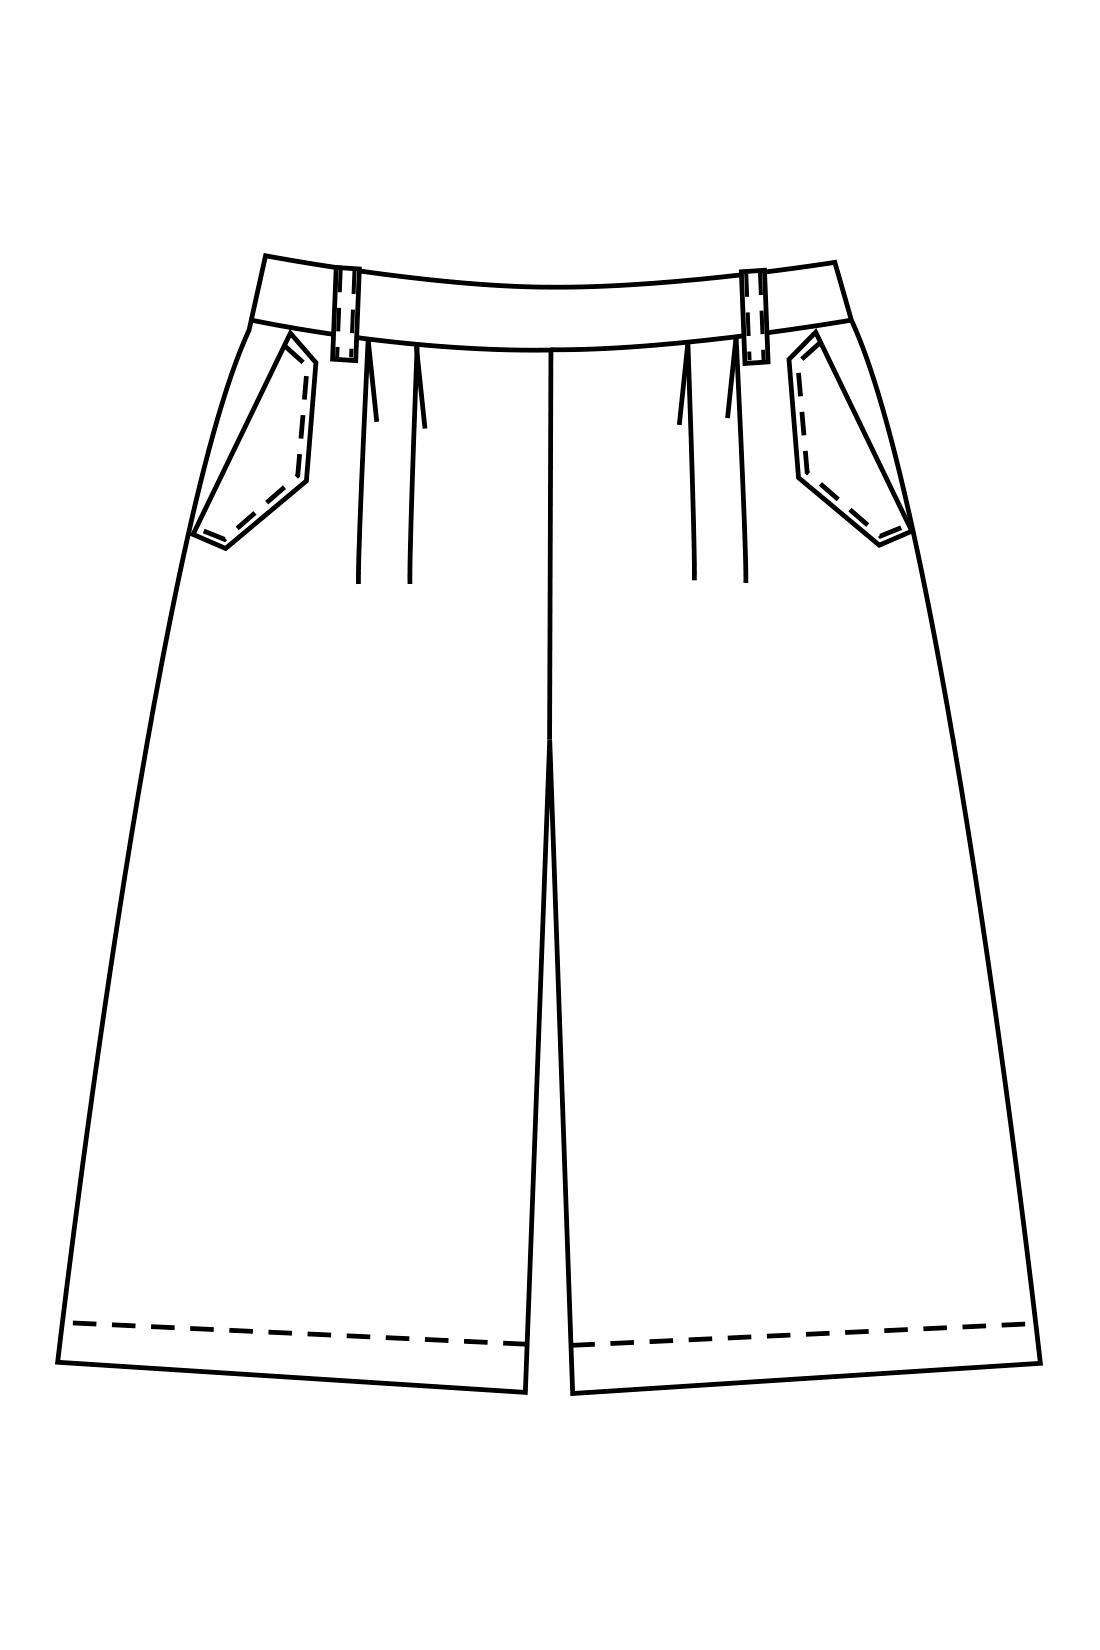 ボーイッシュにならず、スカート感覚ではけるAラインシルエットで女っぽく。